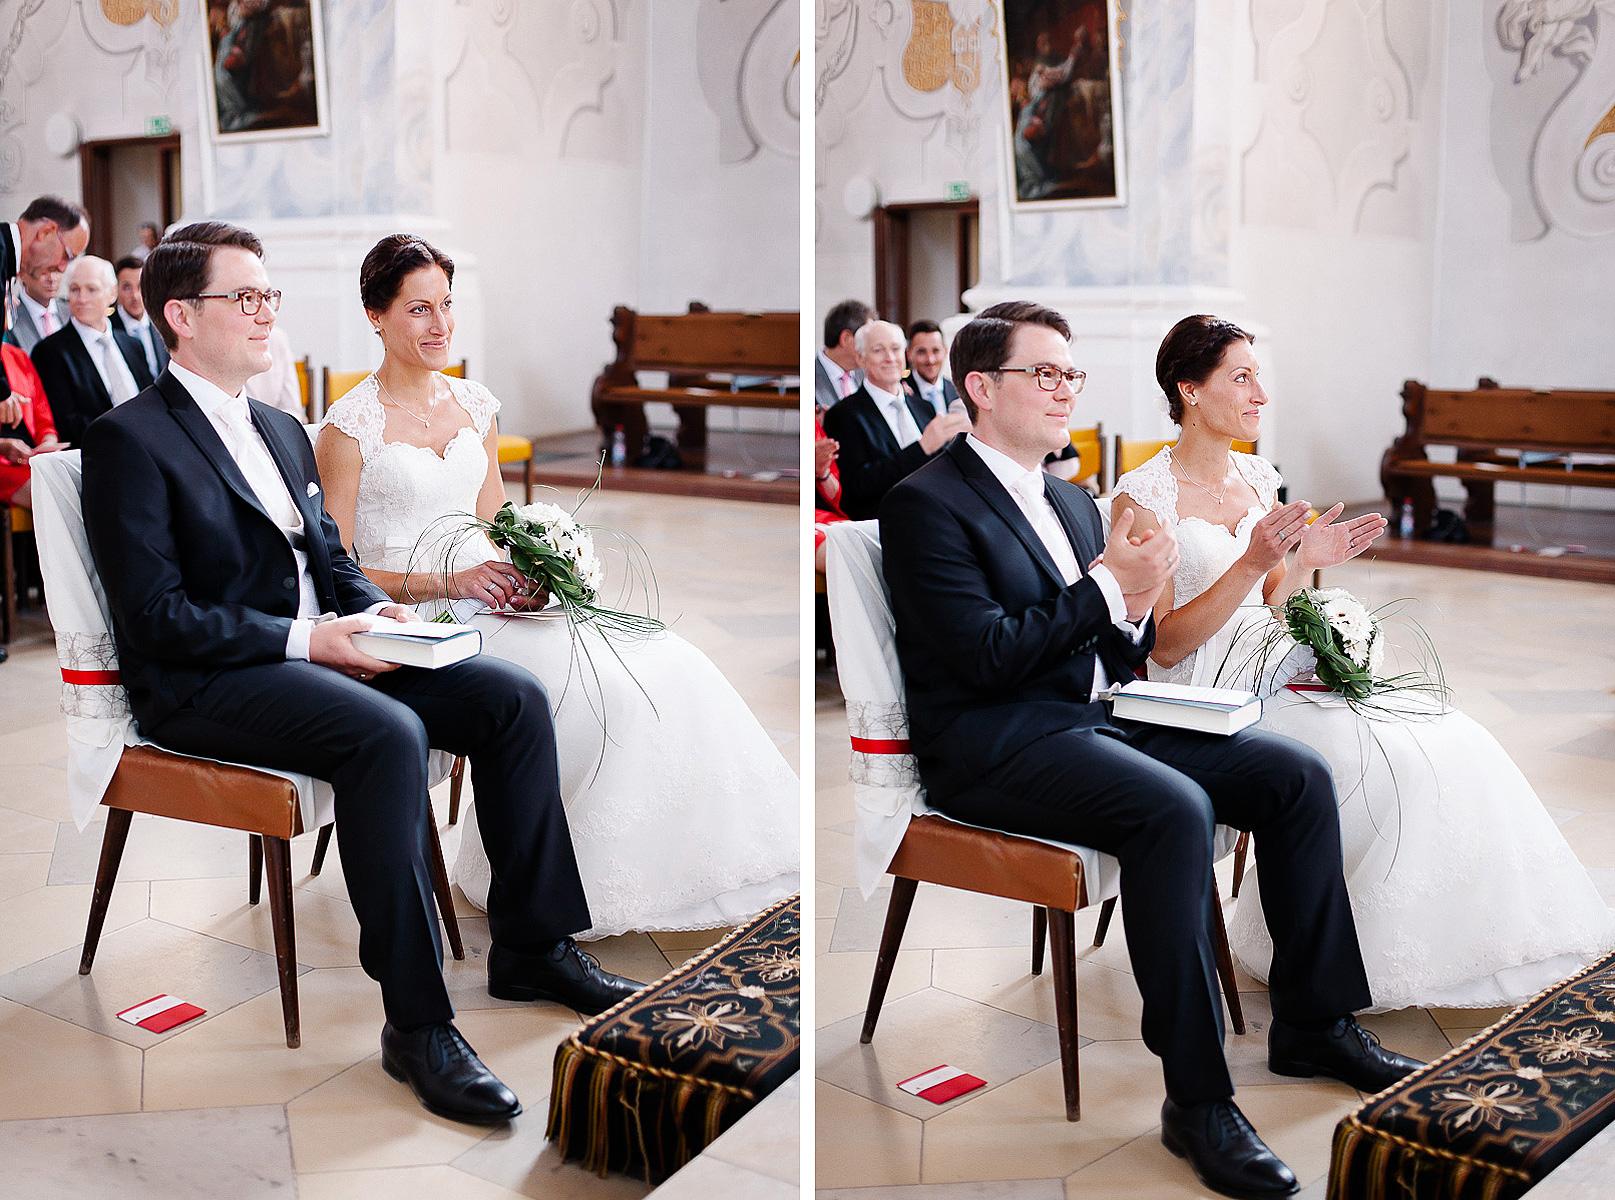 Sarah-und-Tobias-Farbe-web-Foto-Avec-Amis-332-331